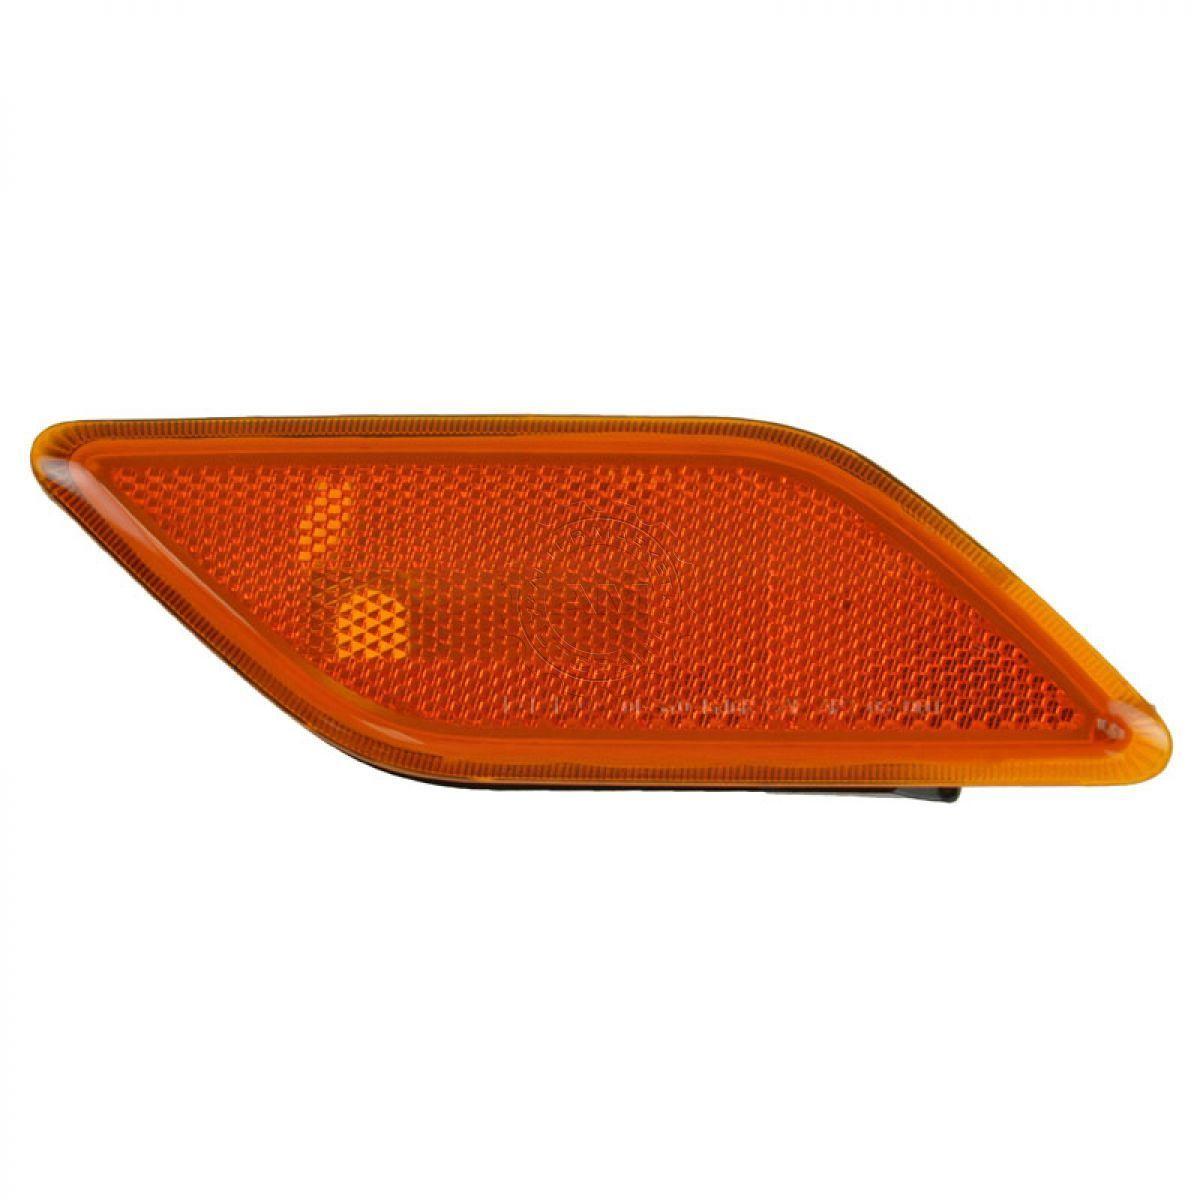 コーナーライト Front Side Marker Light Passenger Side Right RH for MB E350 E550 E63 AMG 4 Door フロントサイドマーカーライト乗客側右RH MB E350用E550 E63 AMG 4ドア用